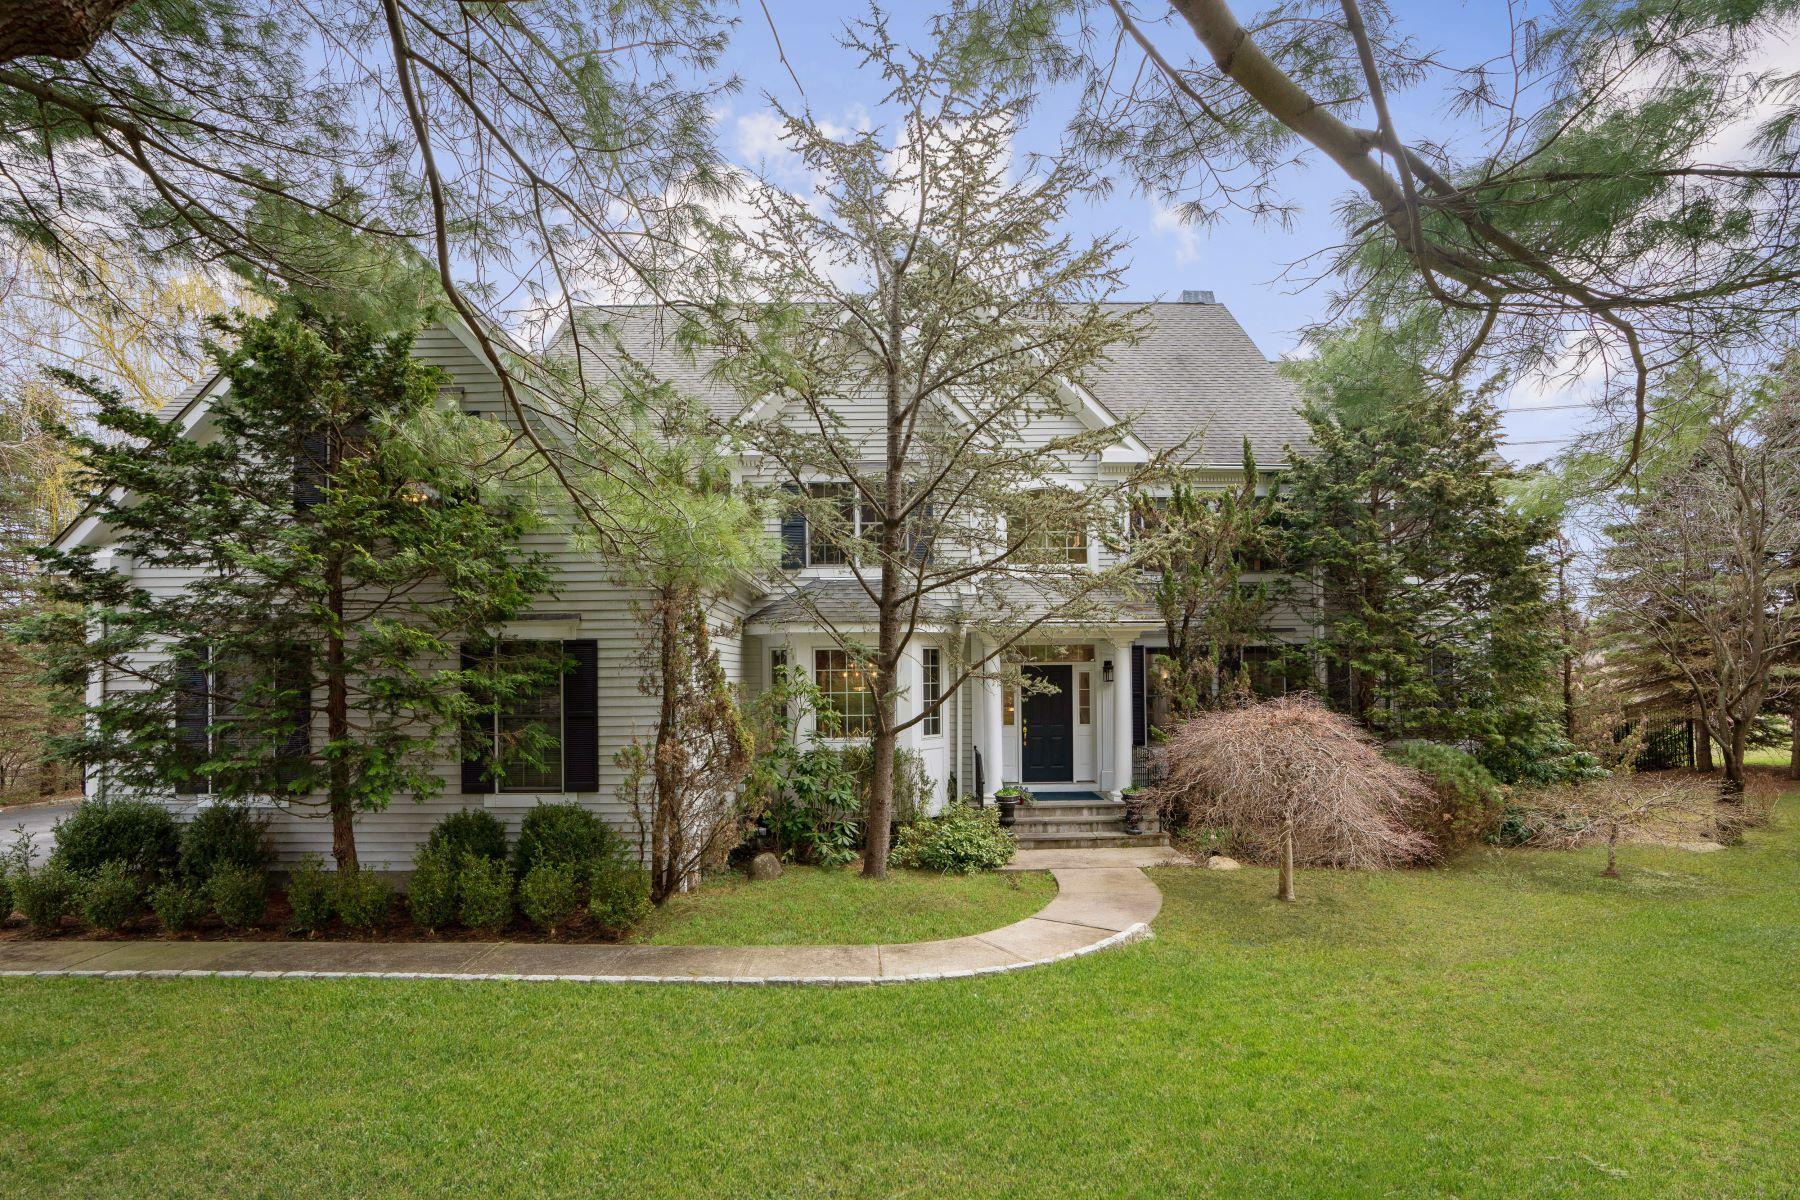 Maison unifamiliale pour l Vente à Light Filled Colonial with Lush Park-Like Grounds 3 Jordan Lane Ardsley, New York 10502 États-Unis